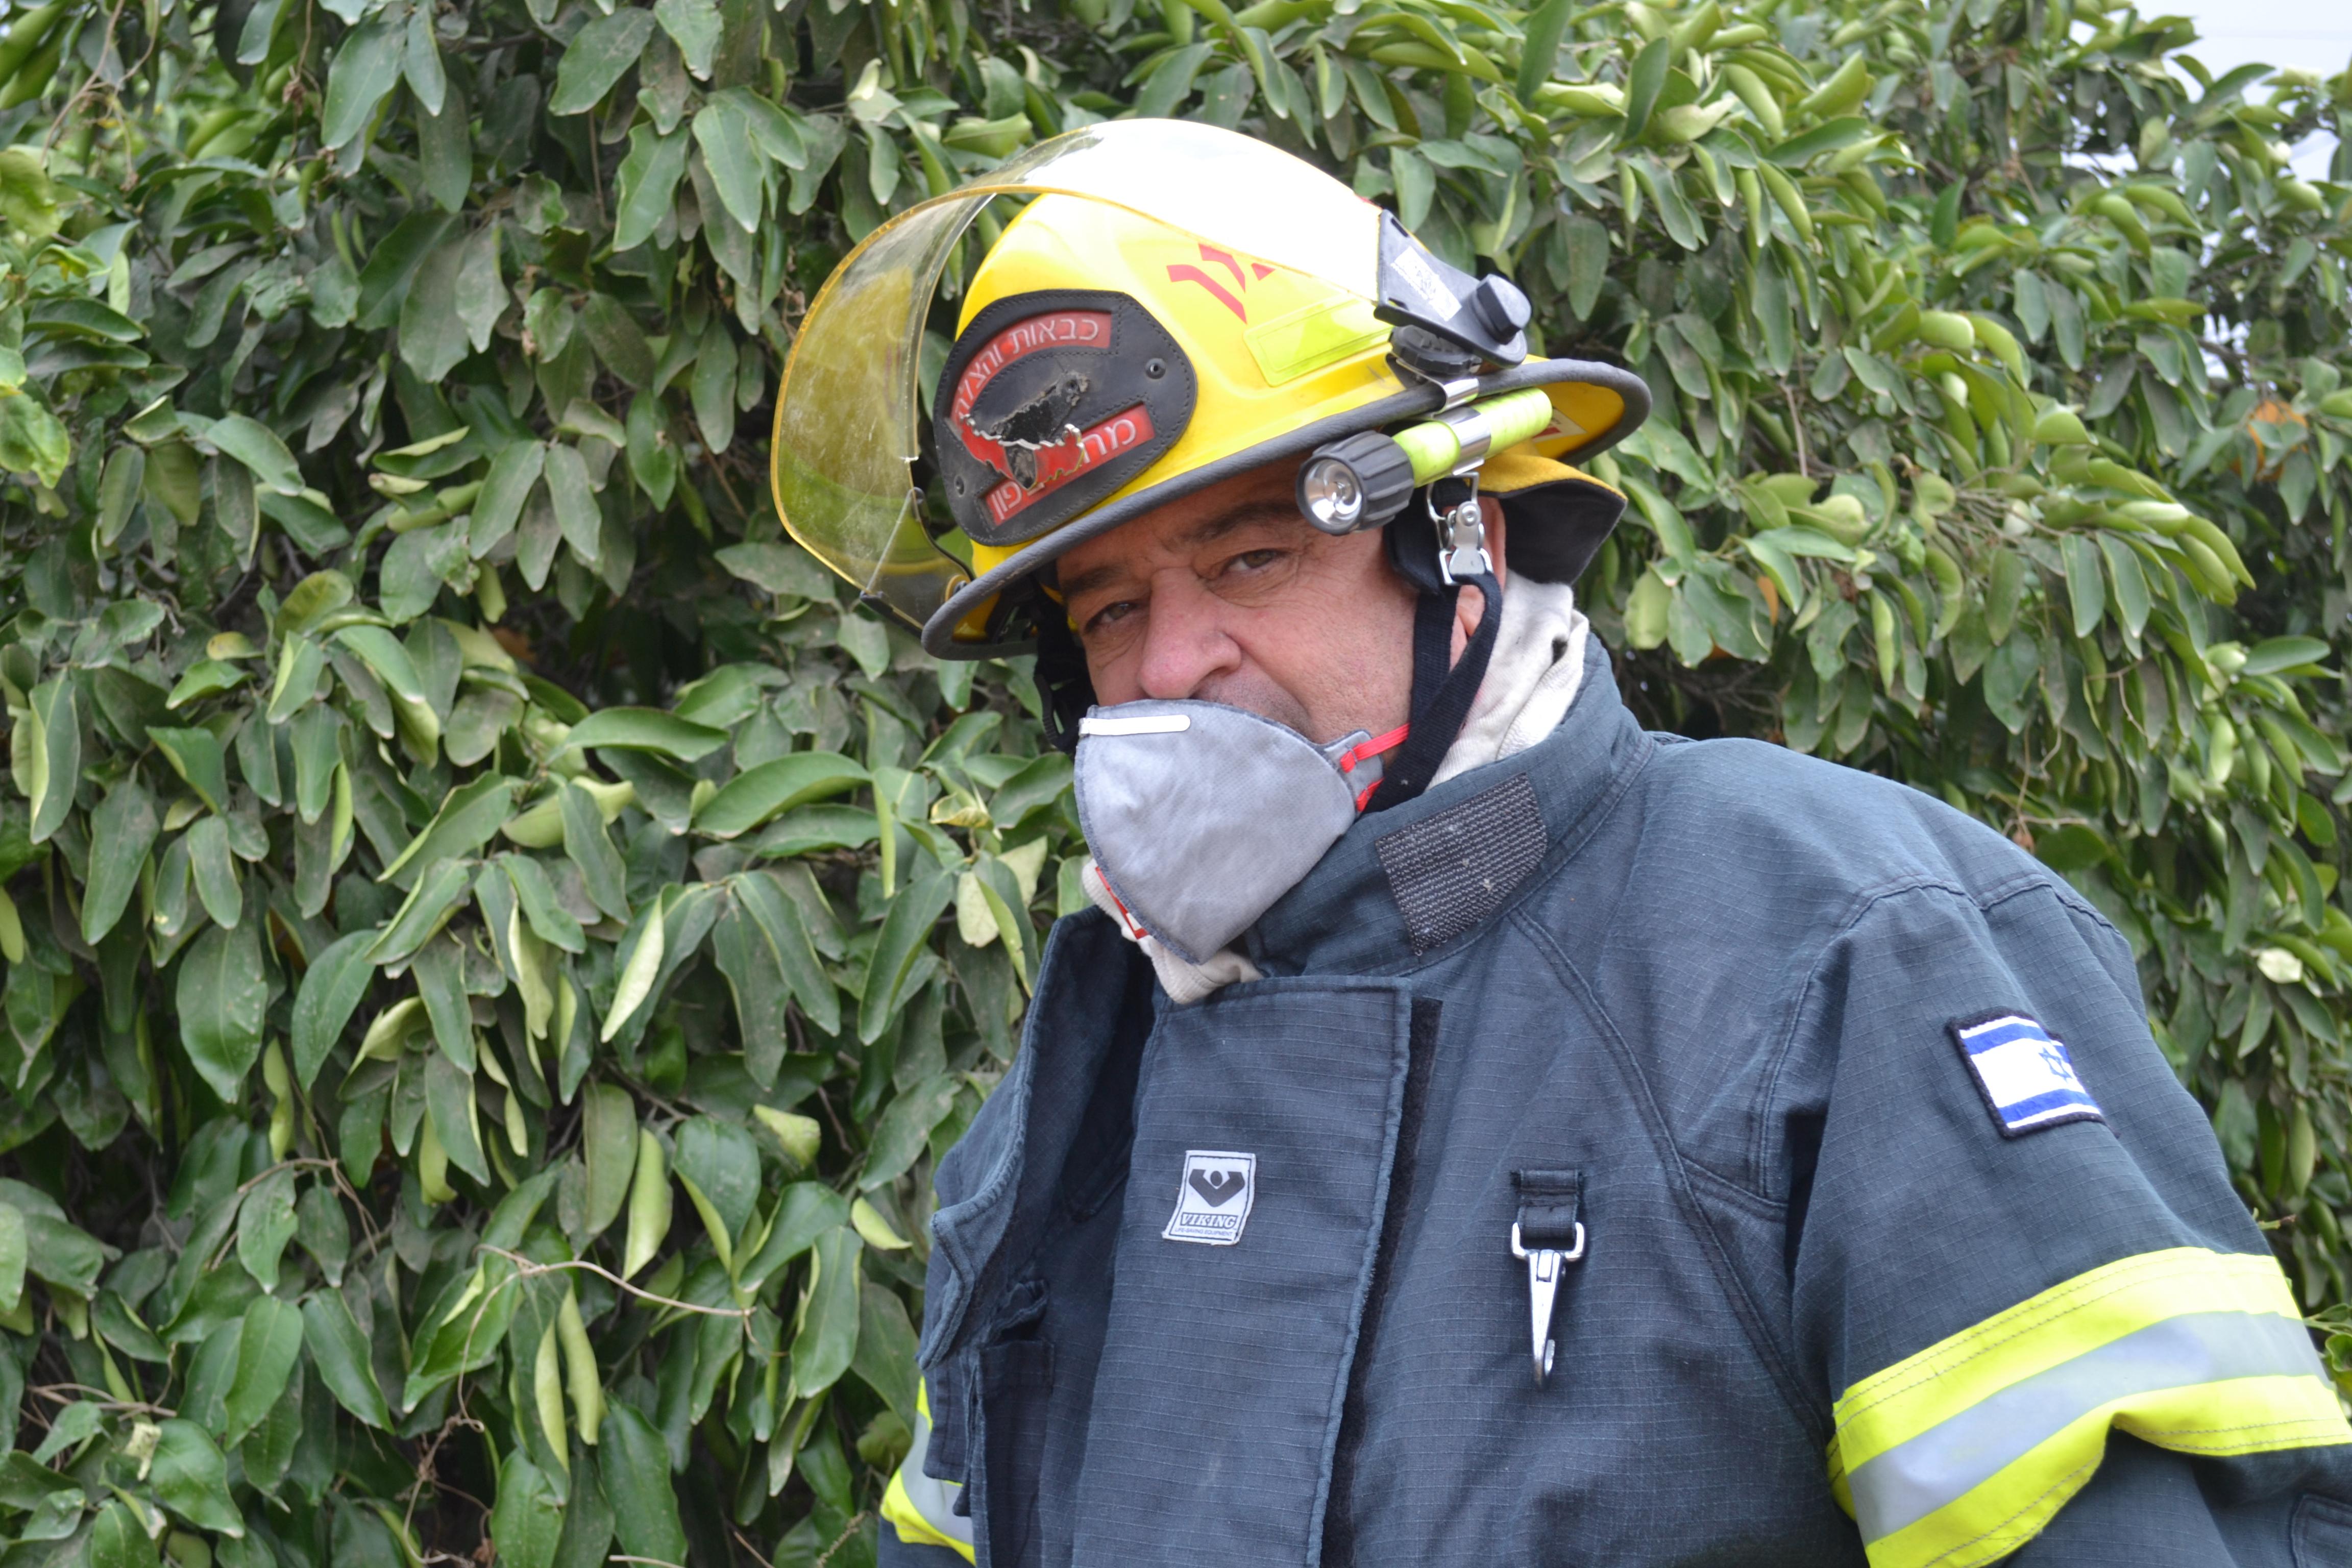 לוחמי אש מתחנת גליל-גולן נרתמו לסיוע המחוזות השכנים בגל השריפות